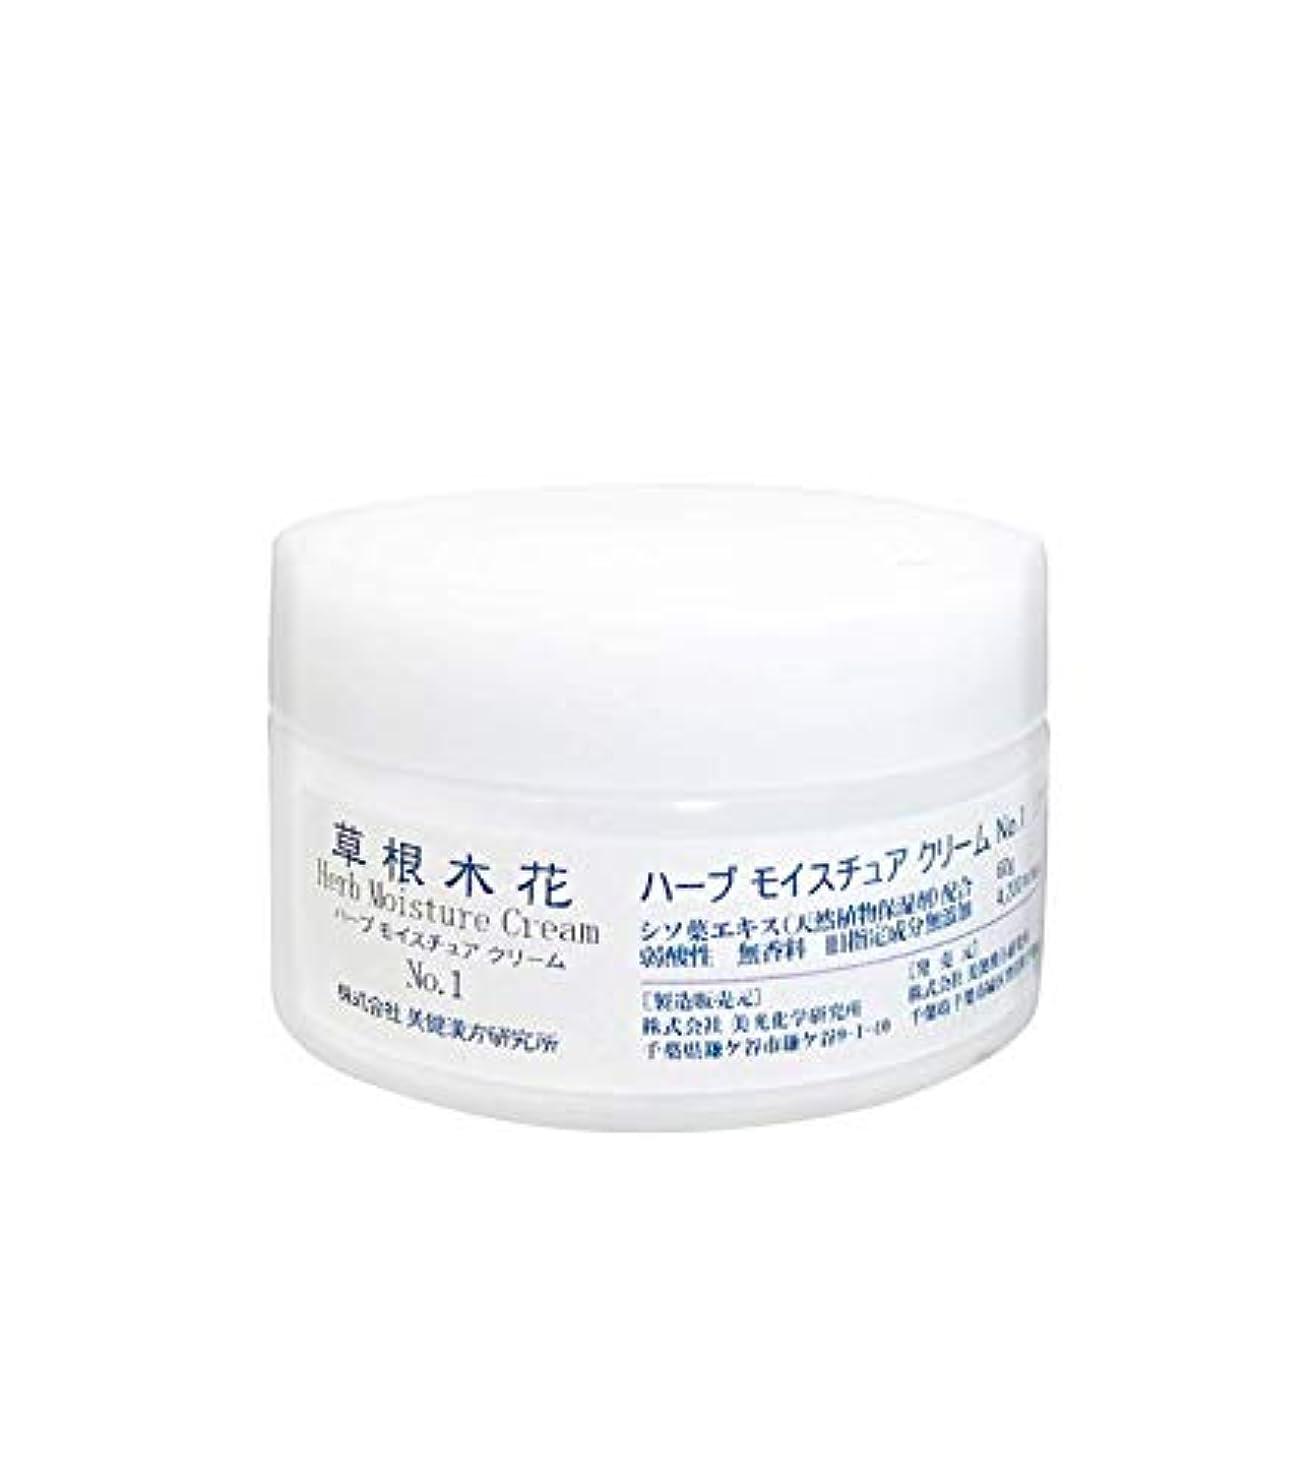 それる選出するパステル「草根木花 ハーブモイスチュアクリームNo.1 (紫蘇クリーム)」  乾燥肌?敏感肌にシソエキス  シェアドコスメ(男女兼用化粧品)